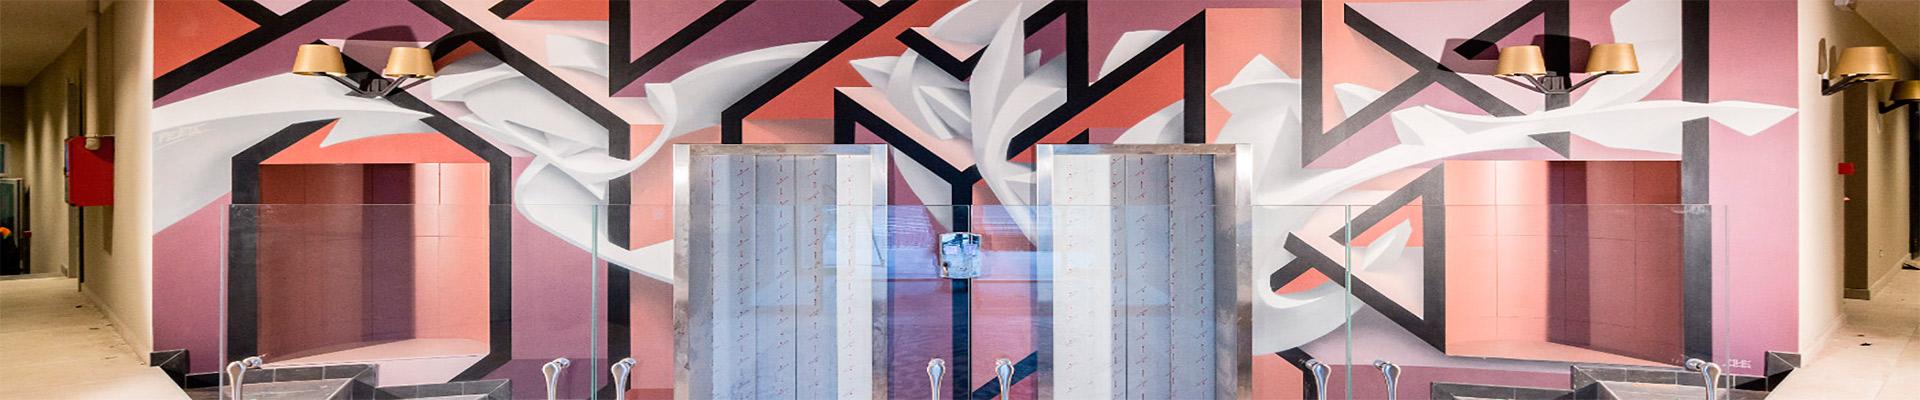 Curso – Design de Interiores em Milão